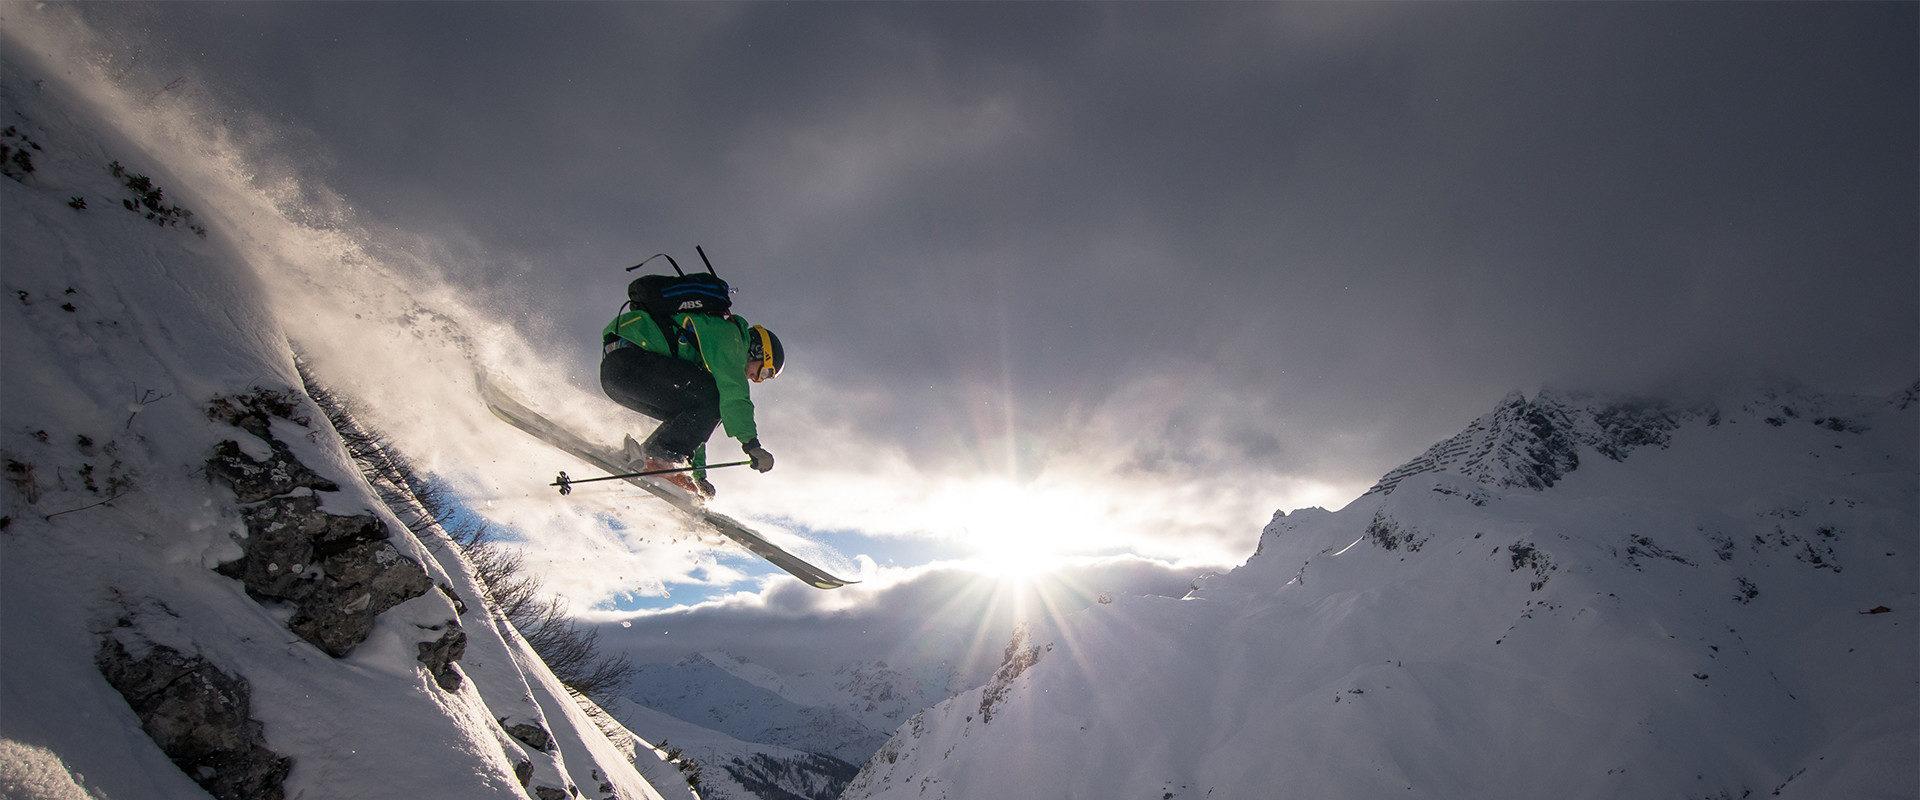 Drop über Cliff beim Freeriden mit Sonnenstrahlen im Hintergrund.